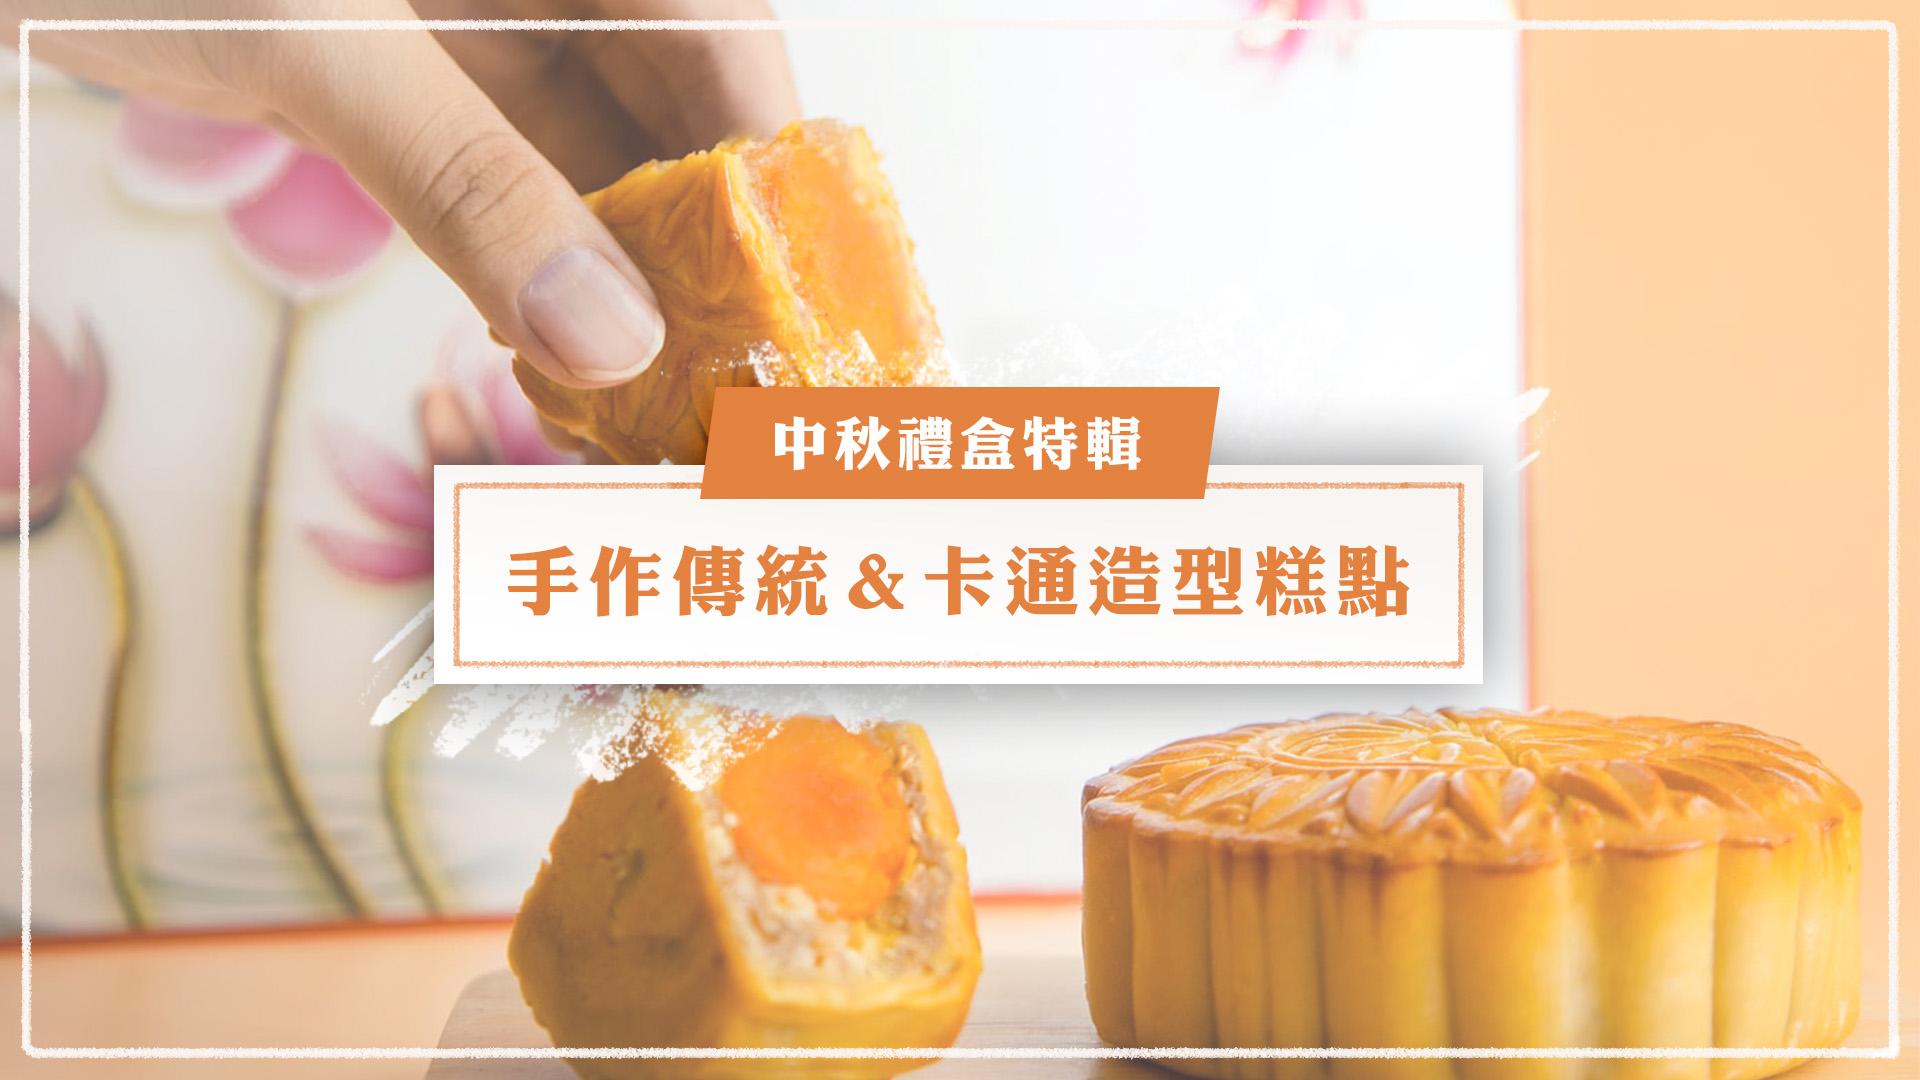 【中秋禮盒特輯】手作傳統月餅 VS 可愛卡通造型,征服大人小孩的胃!